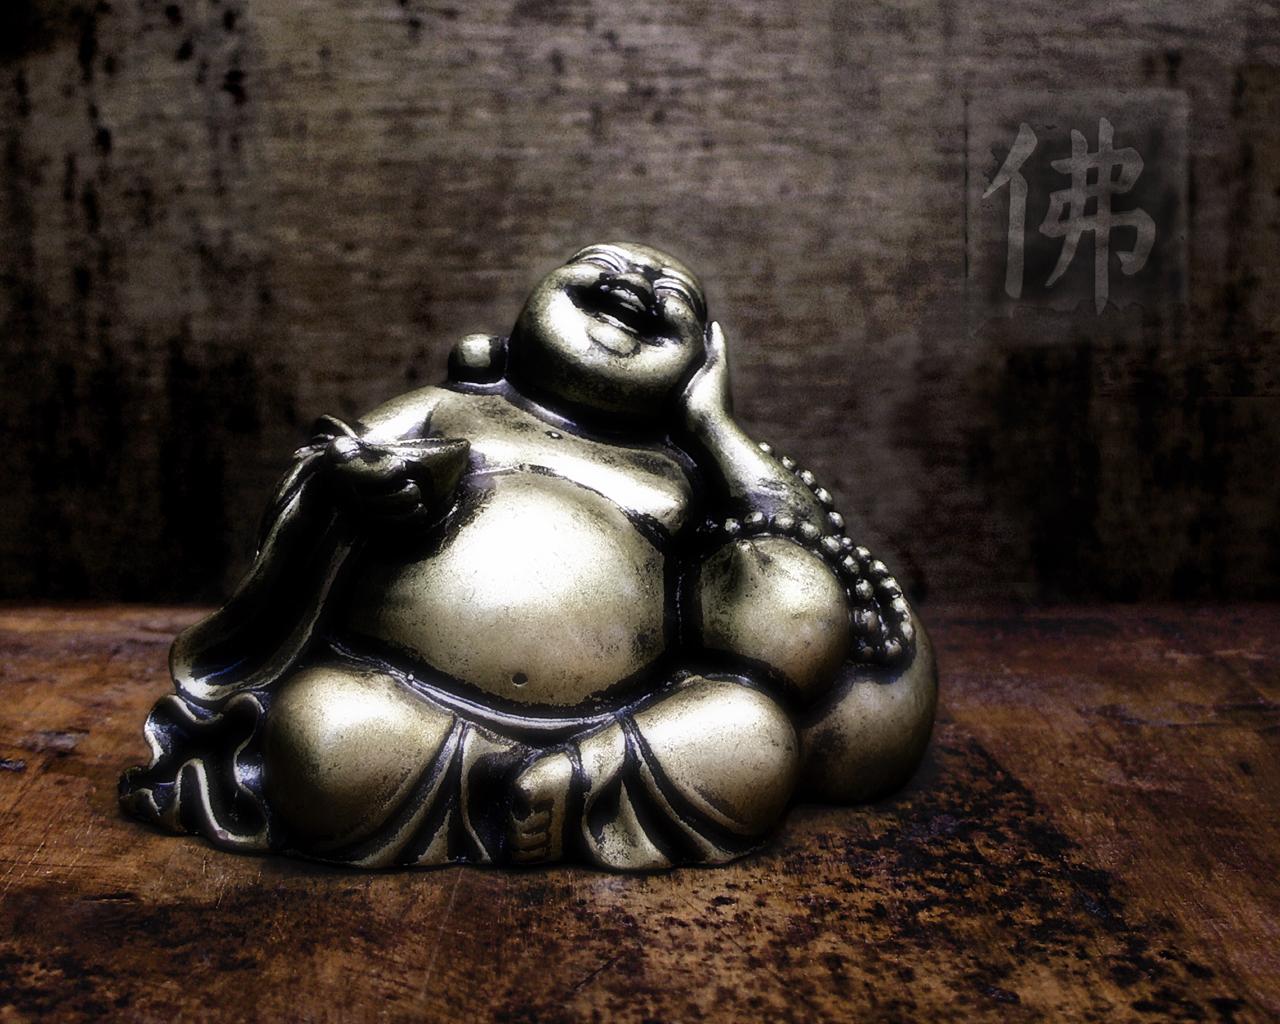 http://2.bp.blogspot.com/-lKFRiMnCm_I/TjFpjZ41A-I/AAAAAAAAABE/wst4bqWabus/s1600/Lord-Buddha-Wallpapers-3.jpg